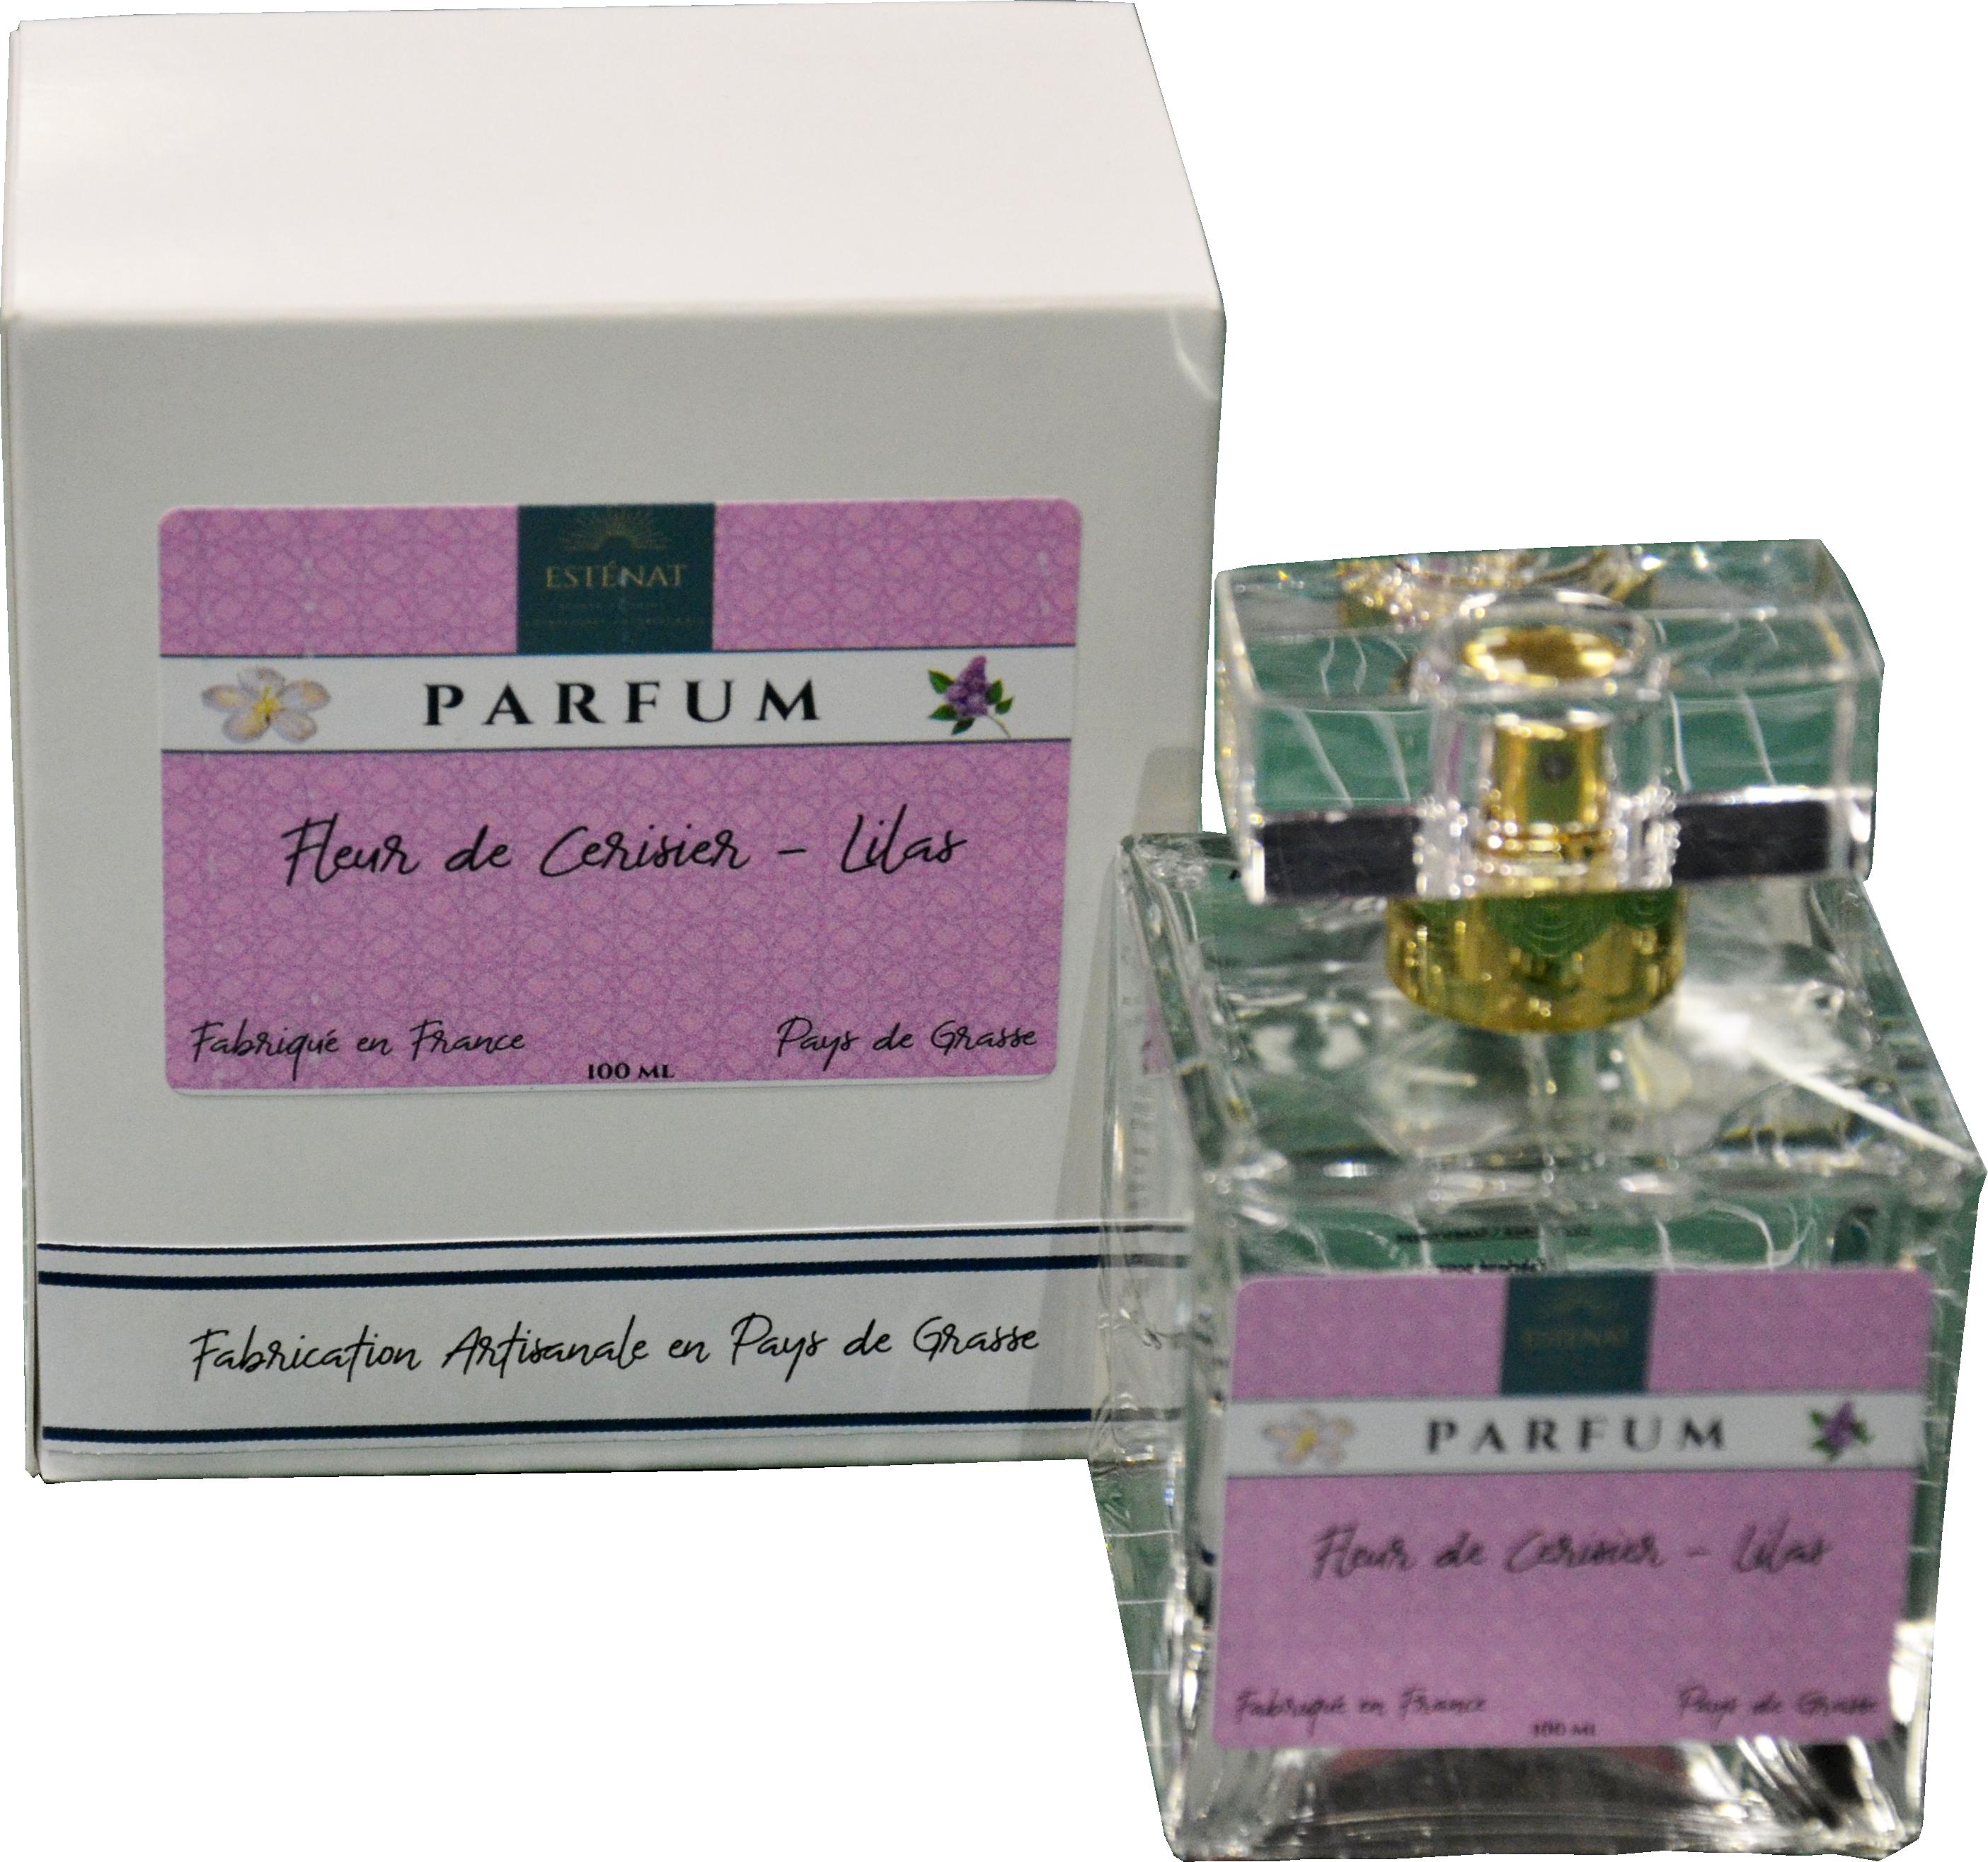 Parfum fleur de cerisier lilas